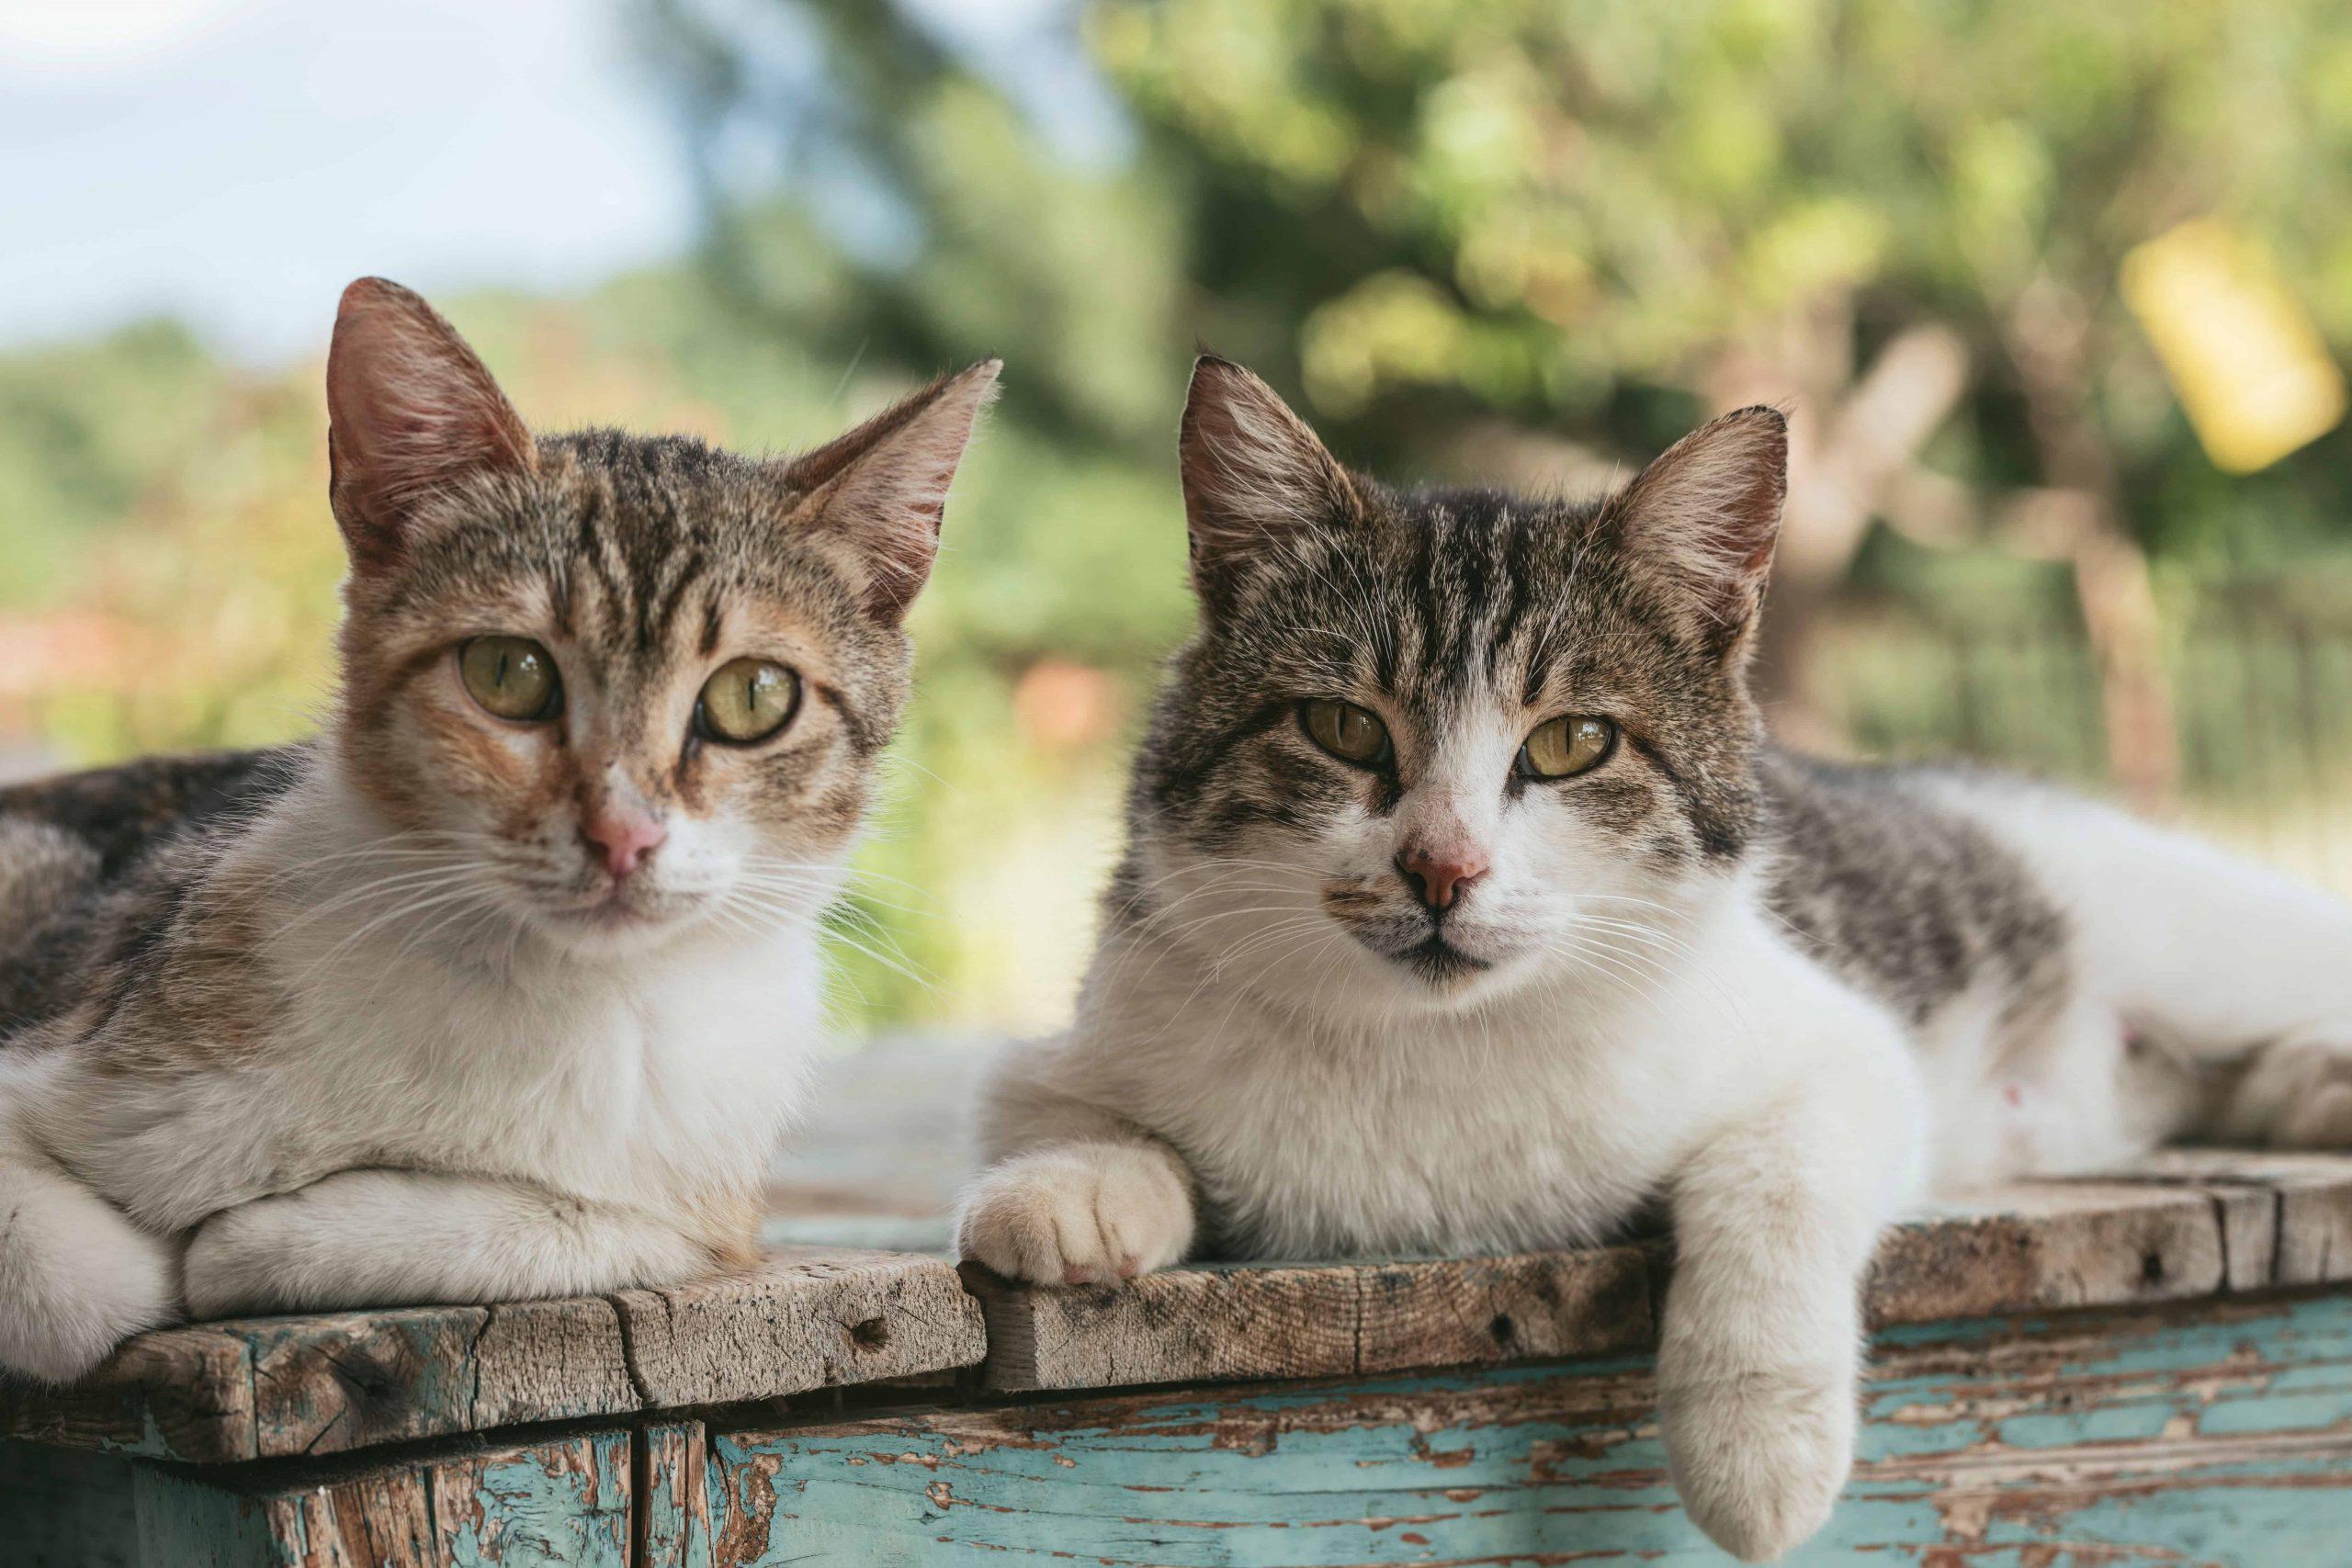 Miglior repellente per gatti 2021: Guida all'acquisto